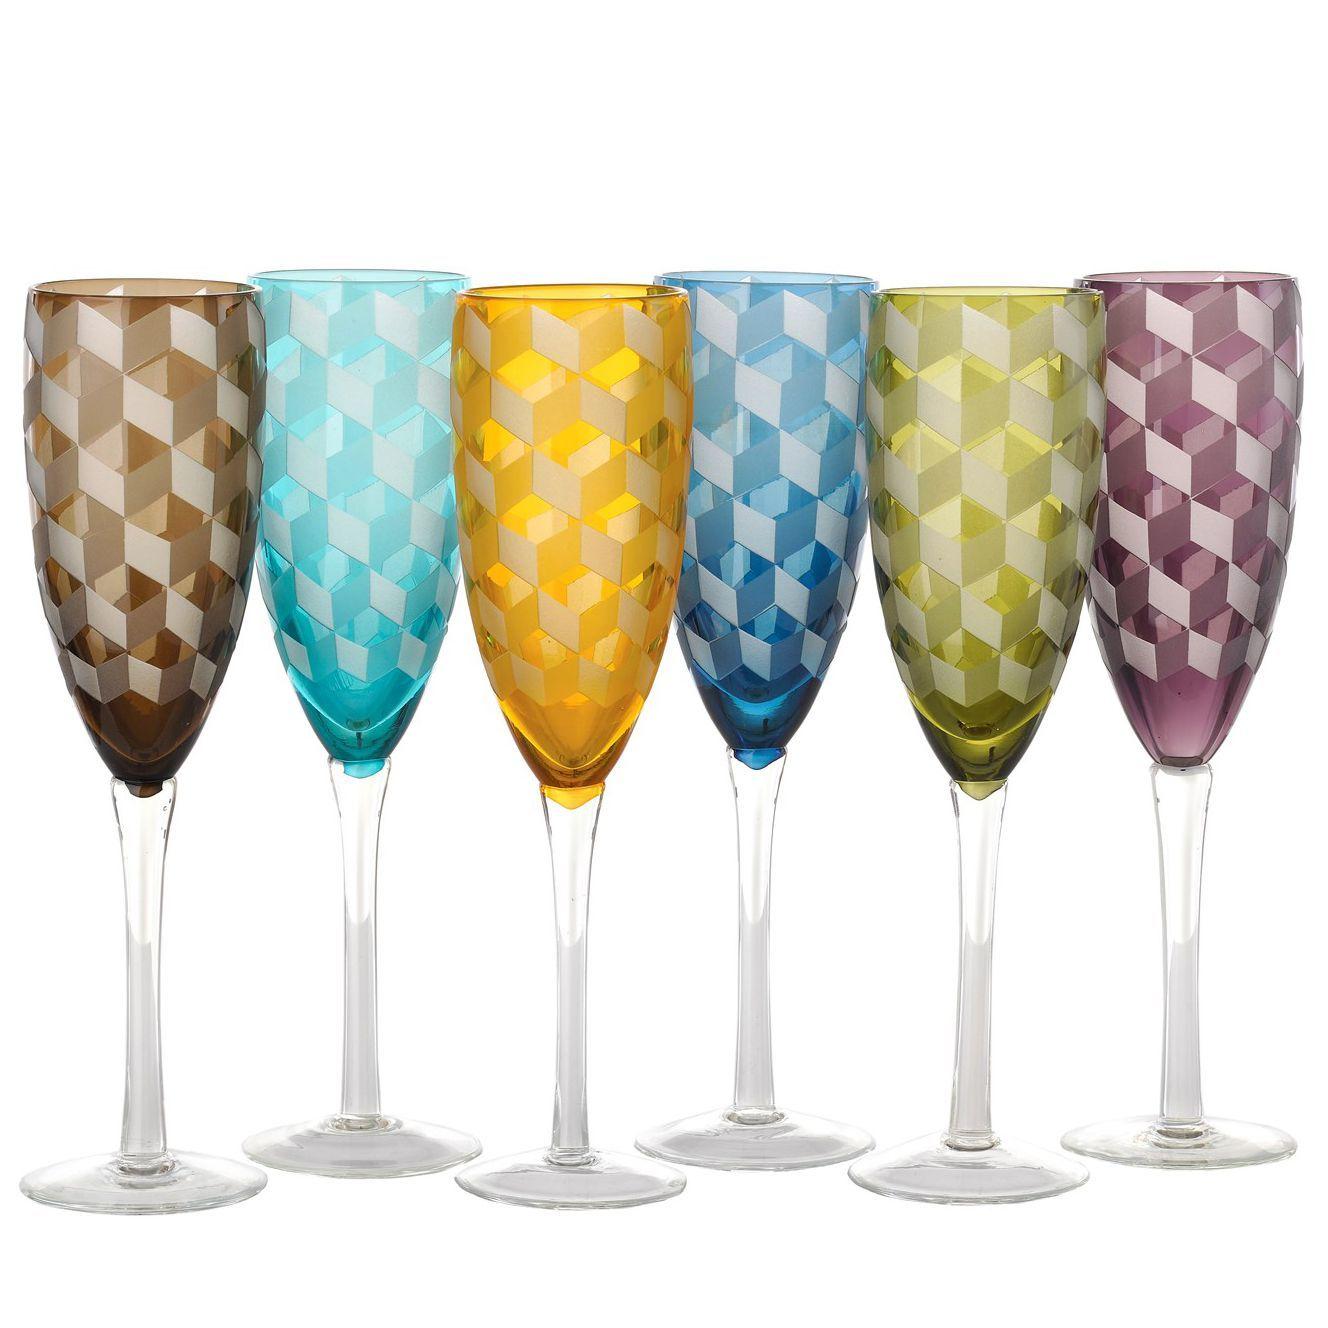 Pols Potten Multicolour Blocks champagneglas 6 stuks kopen